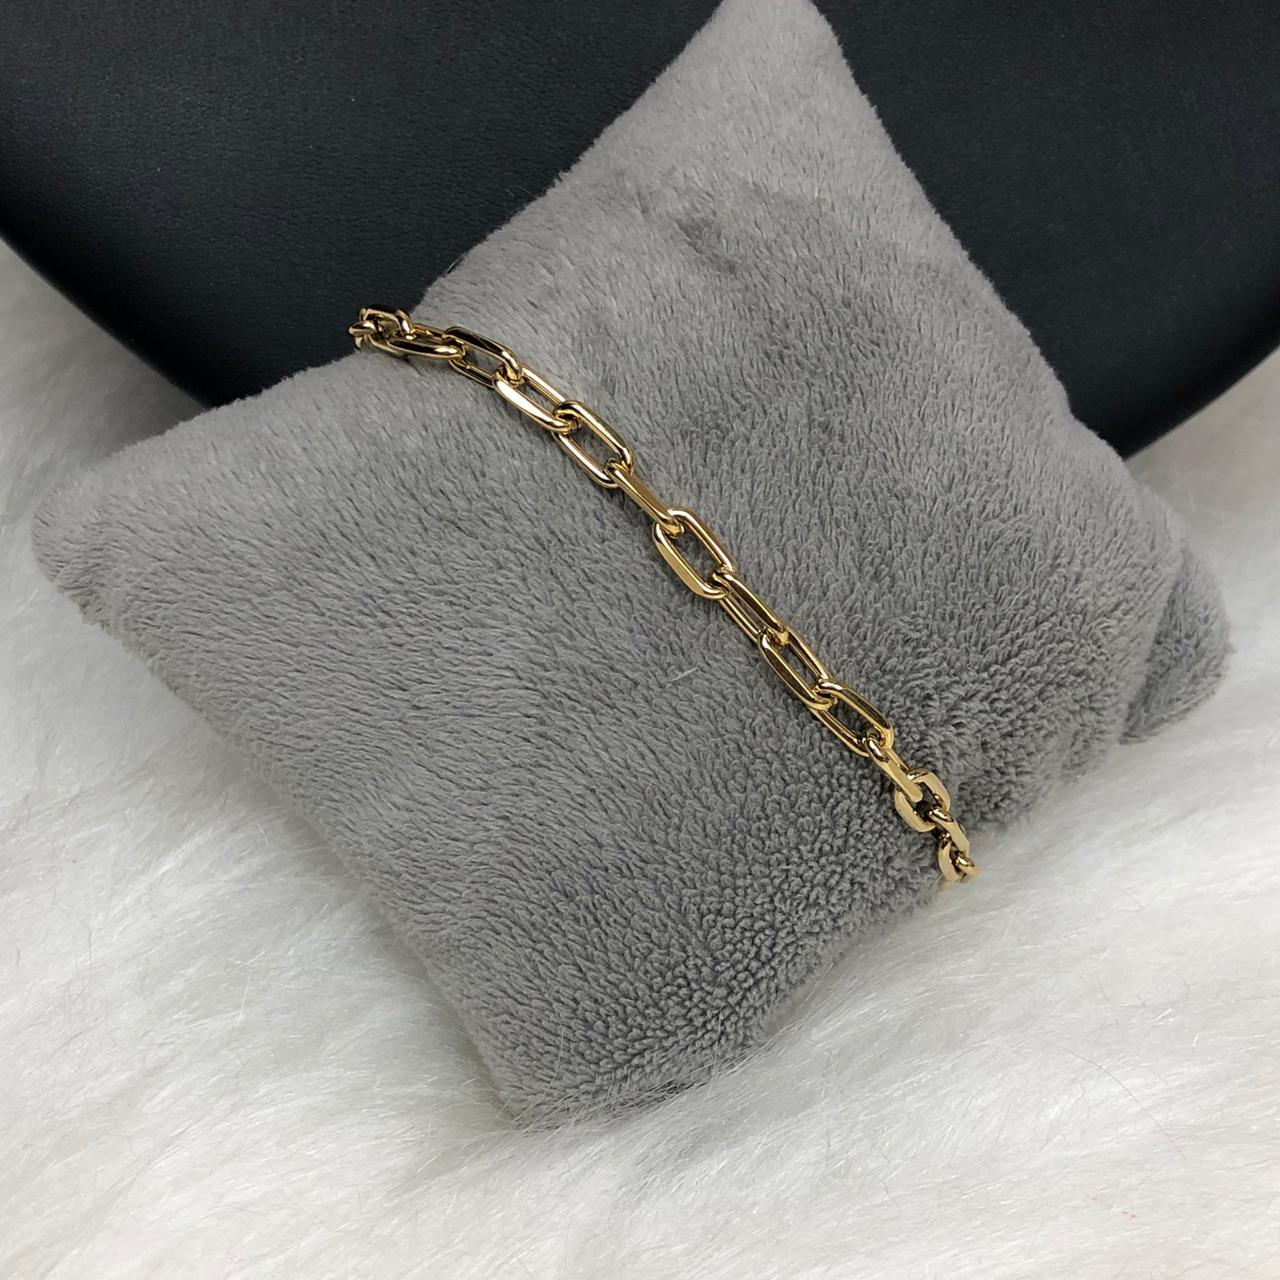 f85c2f53da2 Pulseira Masculina Cartier Aço Inox Dourado - Diamante Rosa Shop ...